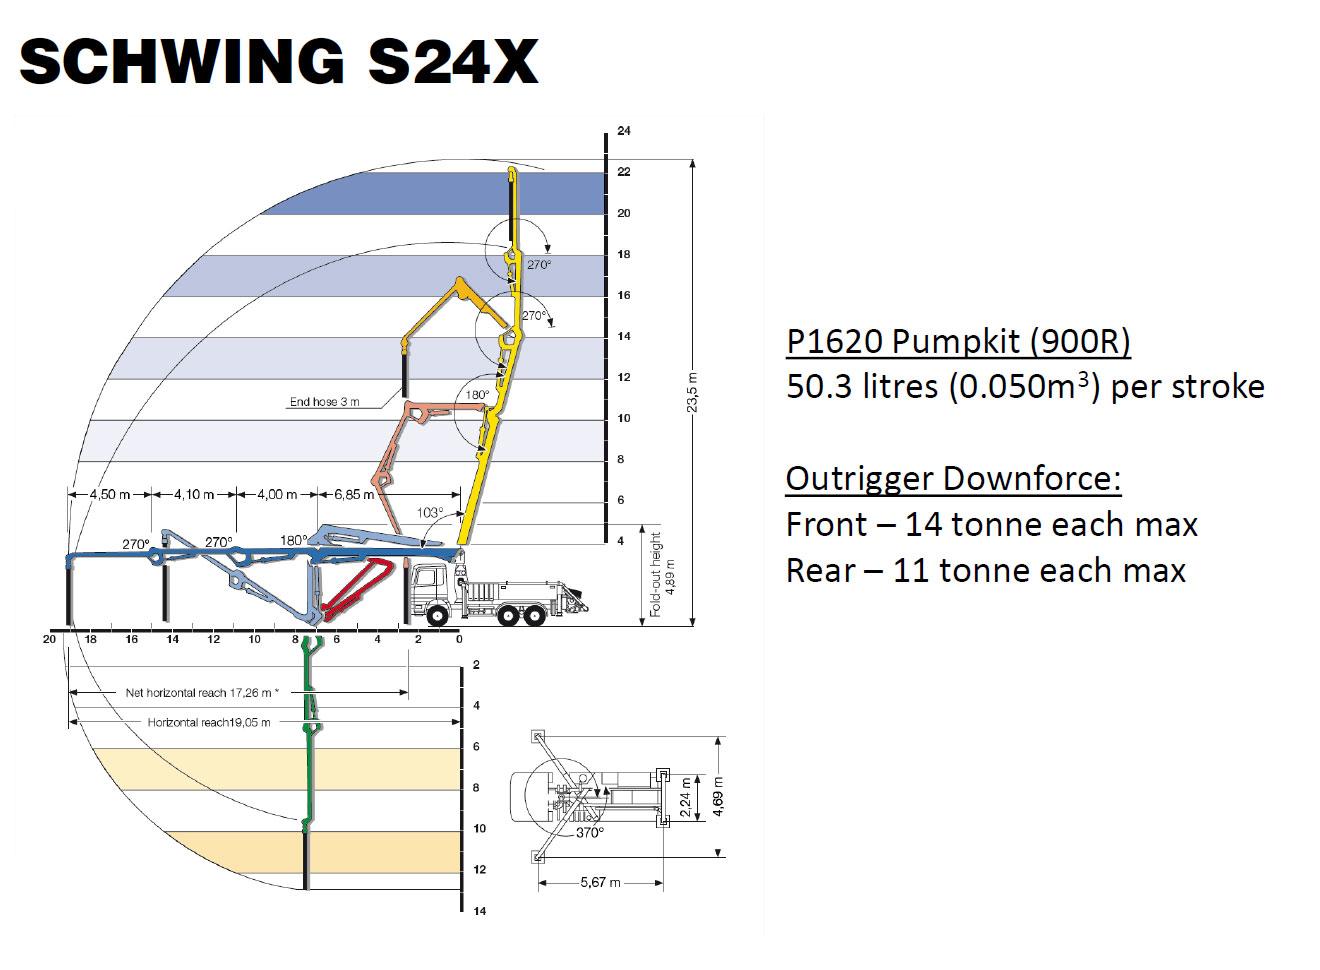 Schwing S24X Boom Pump Specs